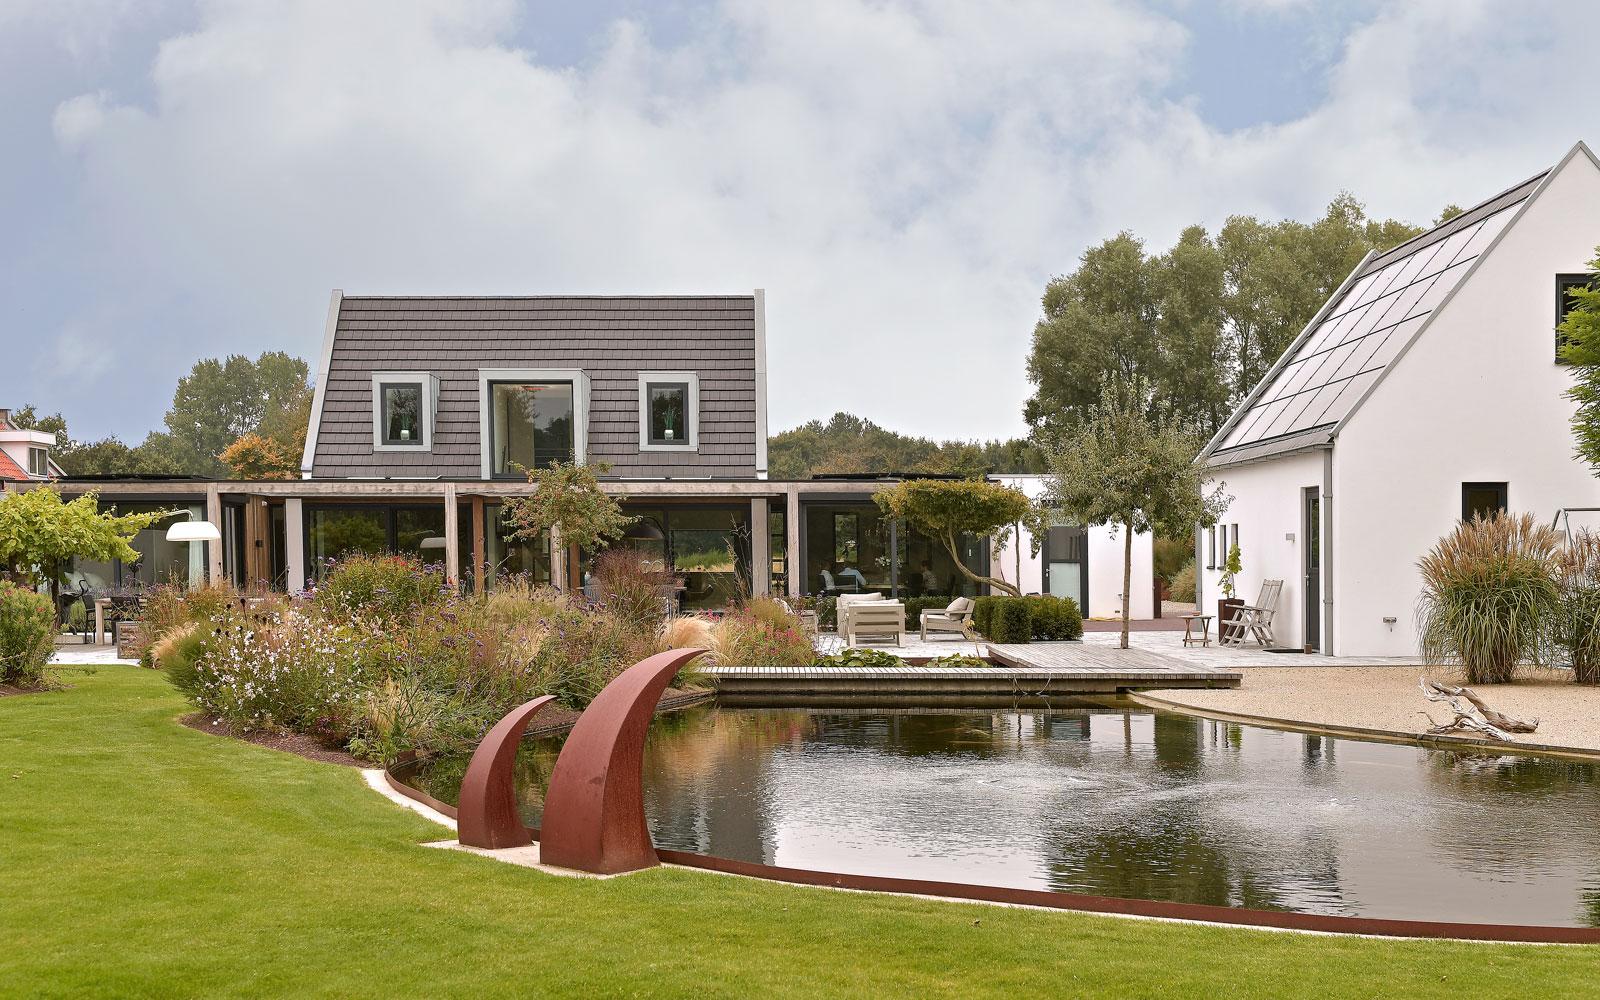 terras, trivium, zonneterras, overdekt, lamellen, tegels, vloer, beton, vijver, exclusief